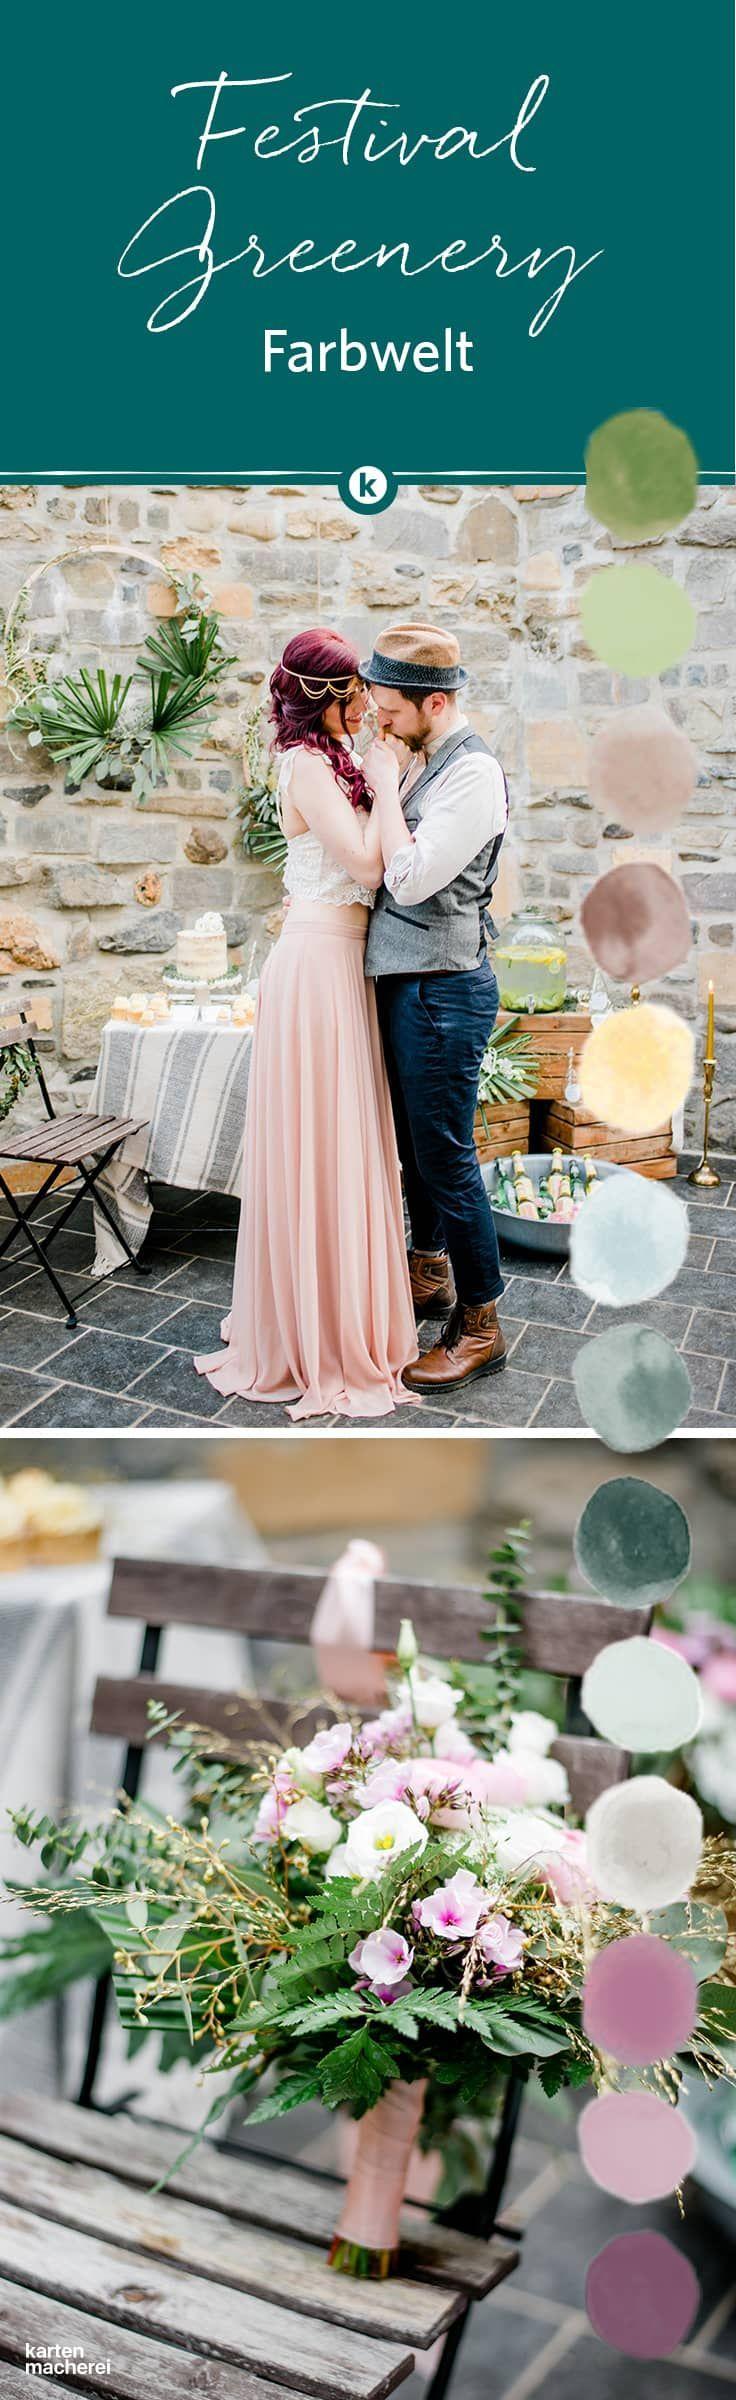 94 best Hochzeit | Greenery images on Pinterest